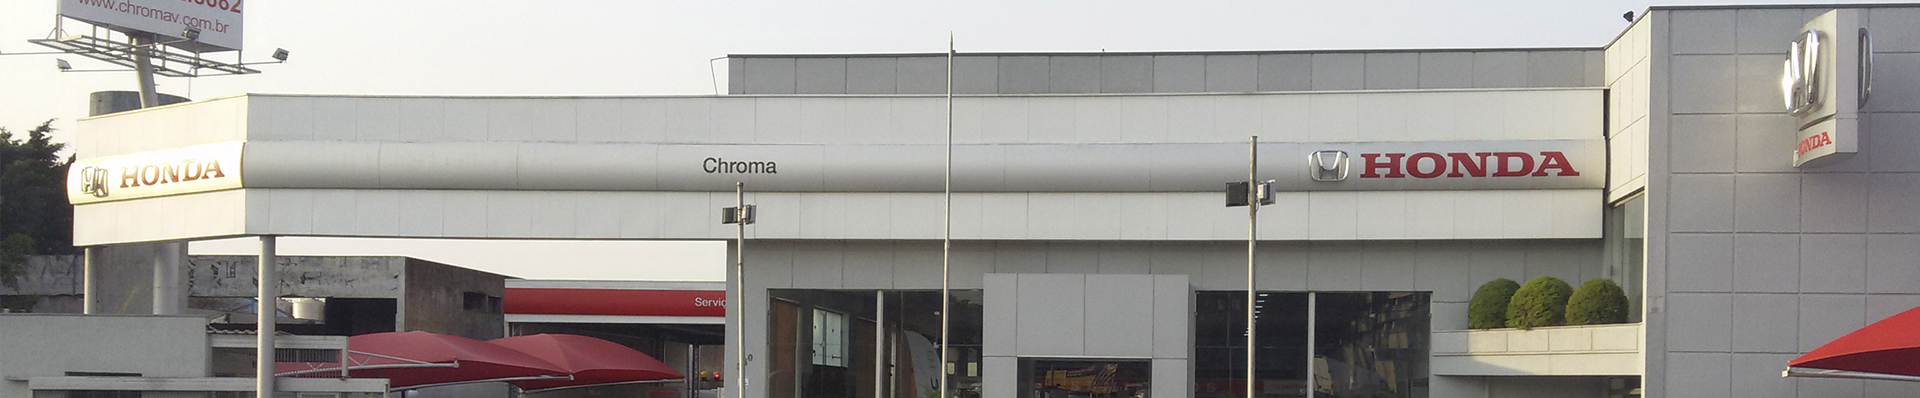 chroma-honda